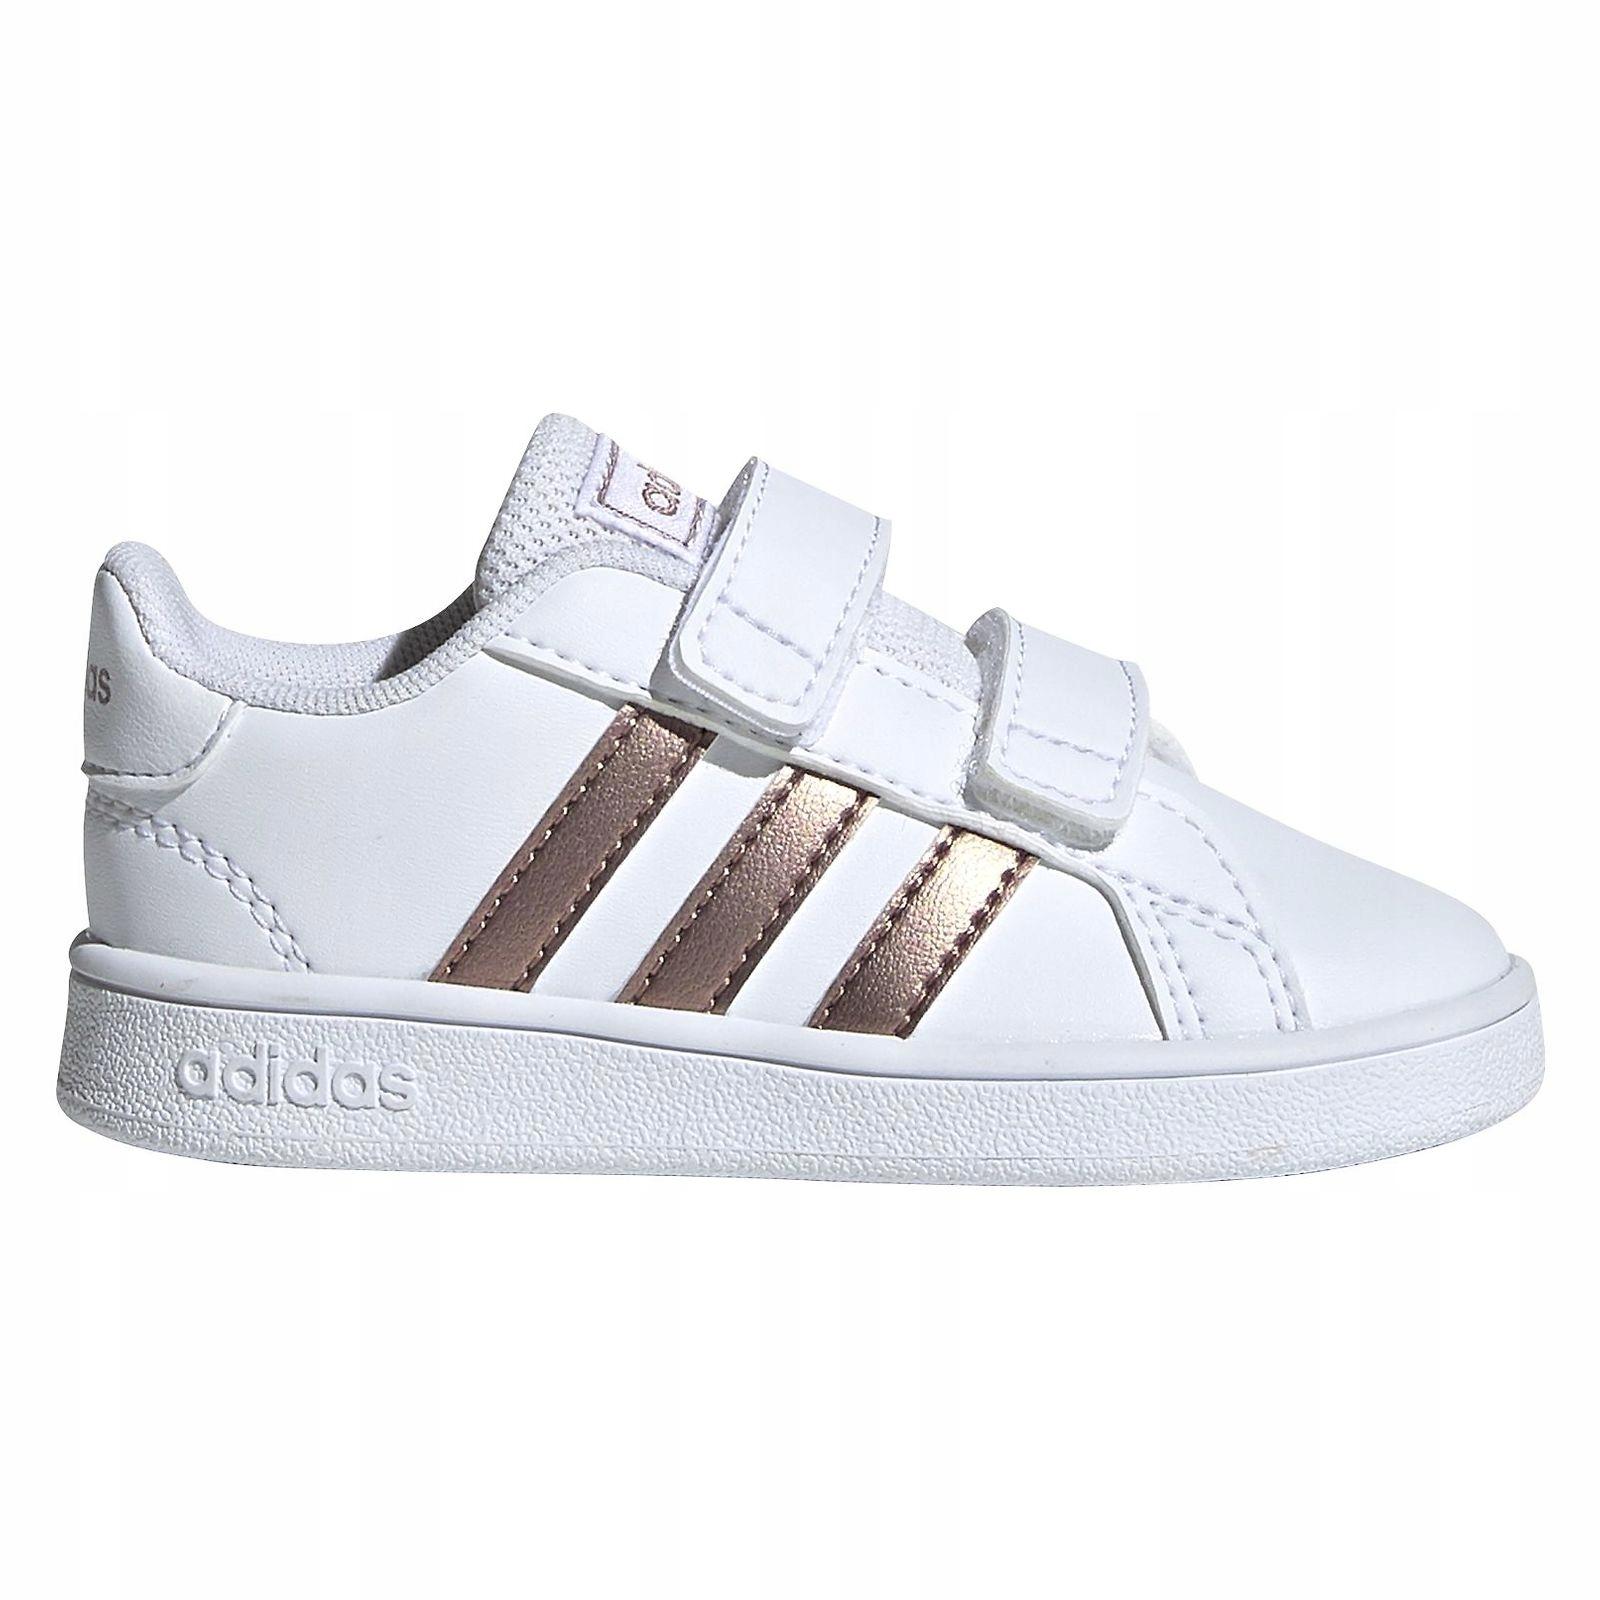 Buty dla dzieci adidas Grand Court r.27